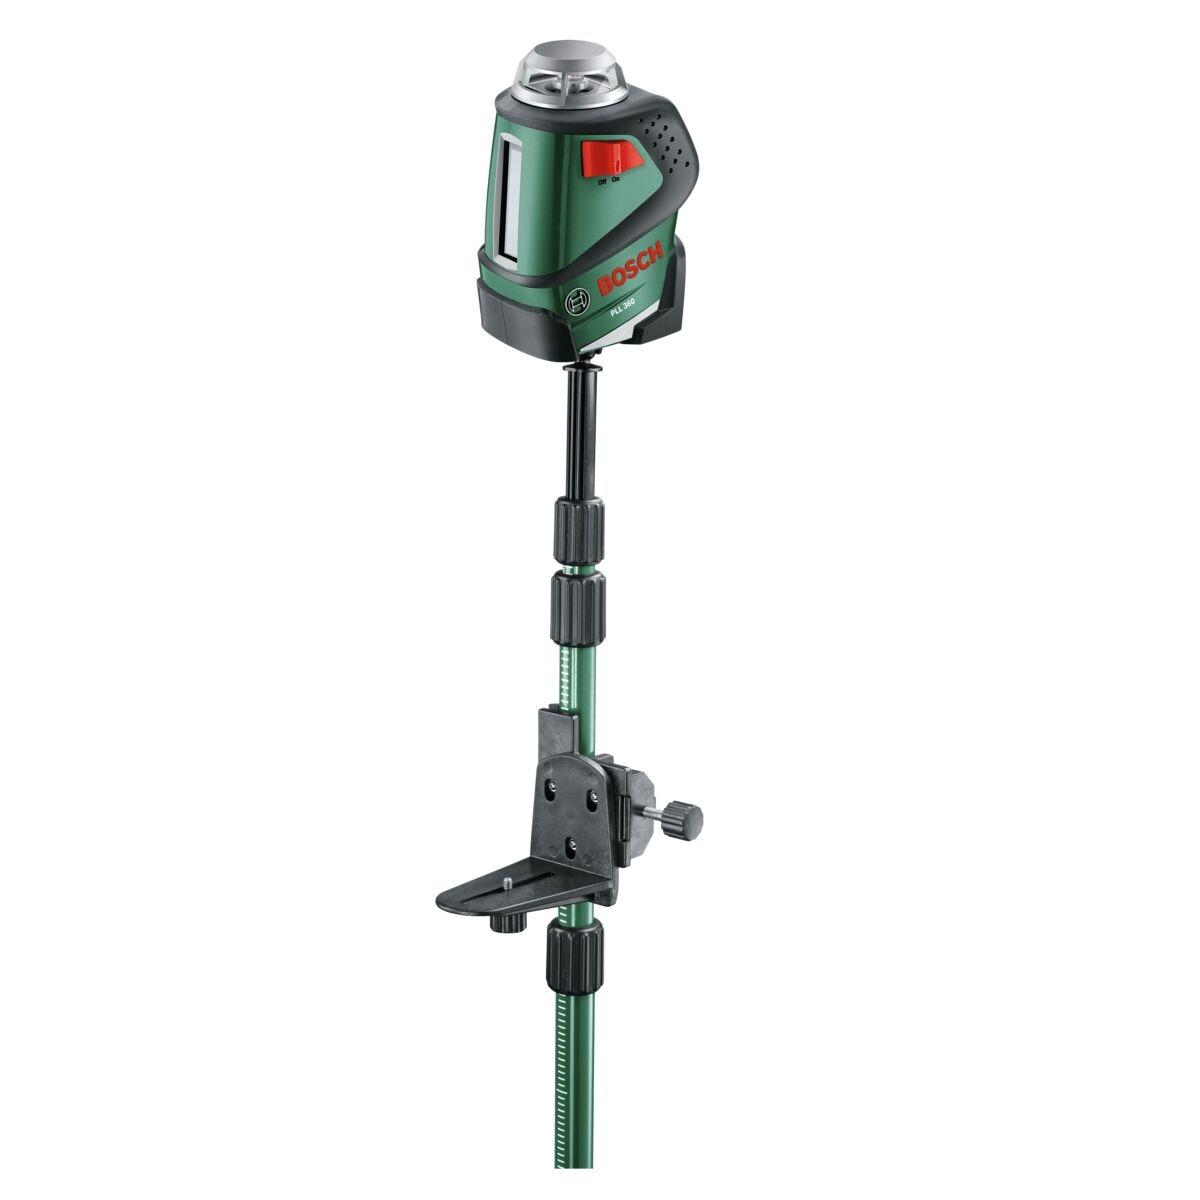 Poziomnica Laserowa Pll 360 Tp 320 Bosch Urzadzenia Laserowe W Atrakcyjnej Cenie W Sklepach Leroy Merlin